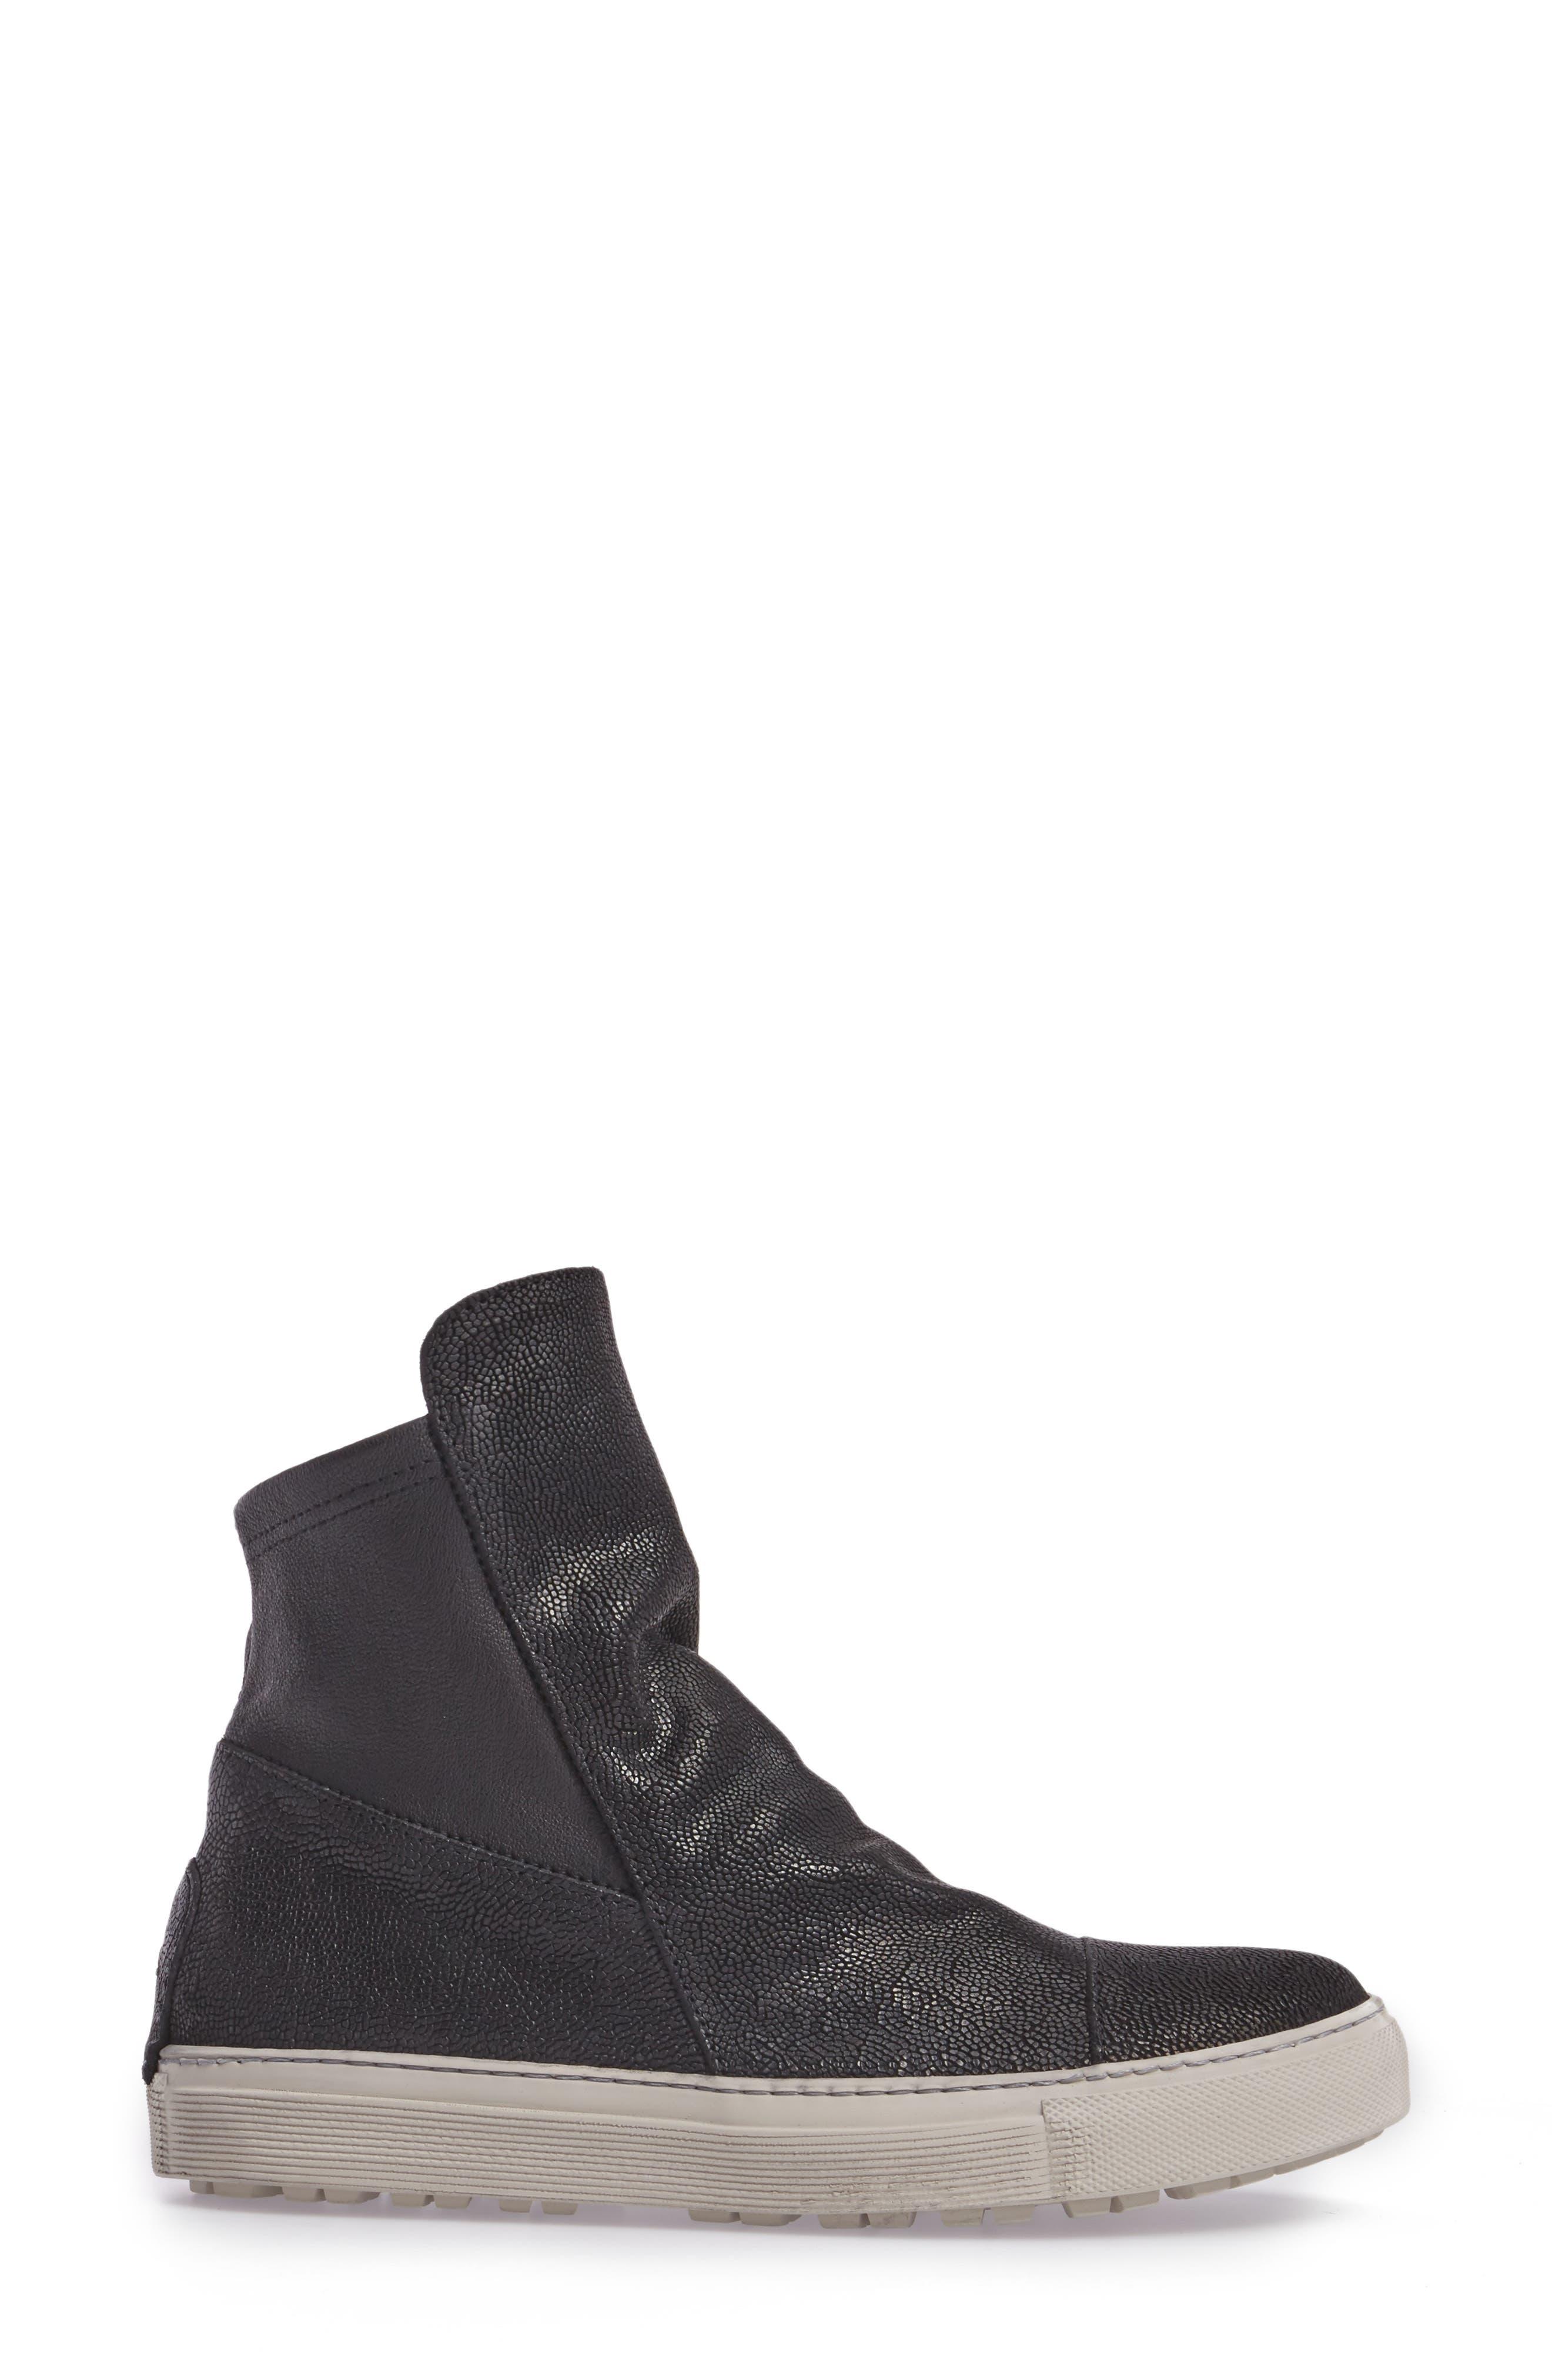 Alternate Image 3  - Fiorentini & Baker Bret Boot (Women)